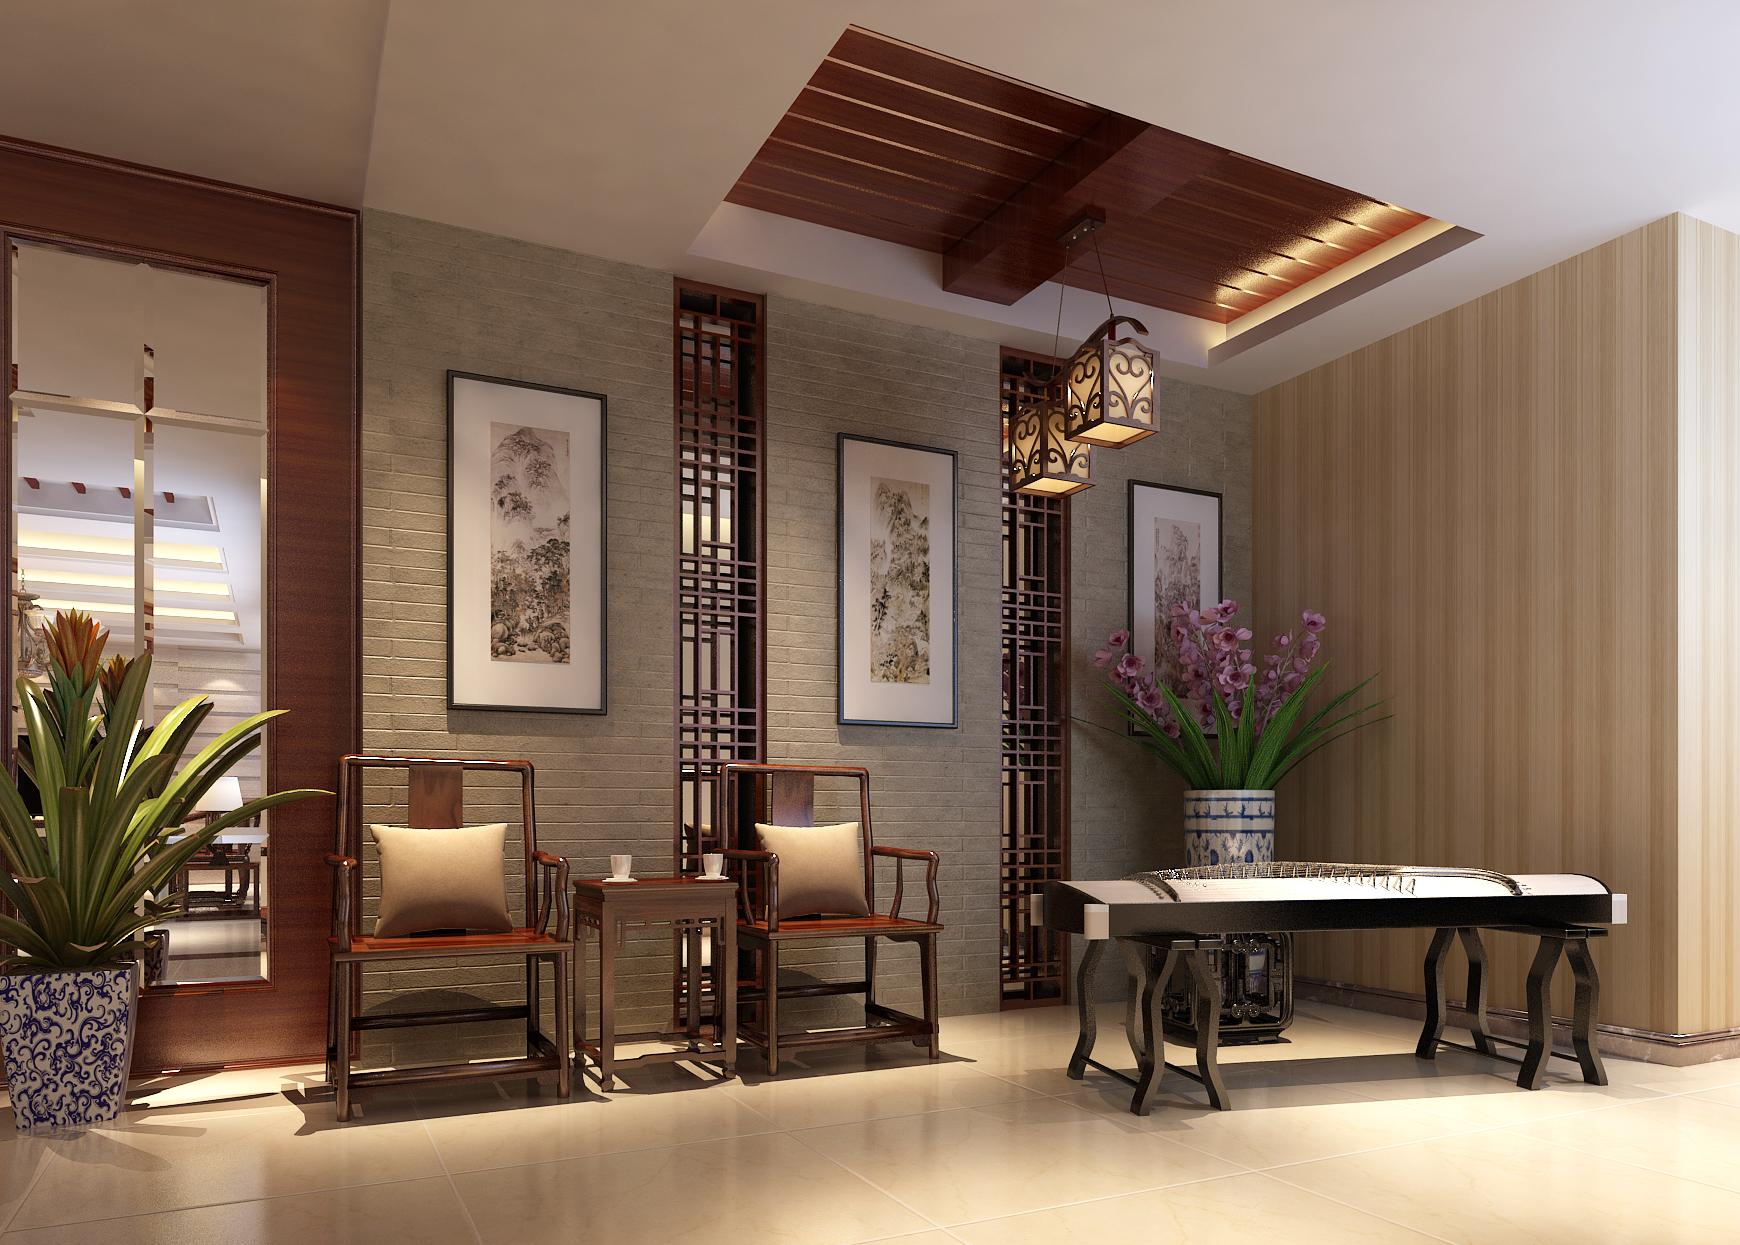 中式风格装修效果图,室内设计效果图-齐家装修网图片